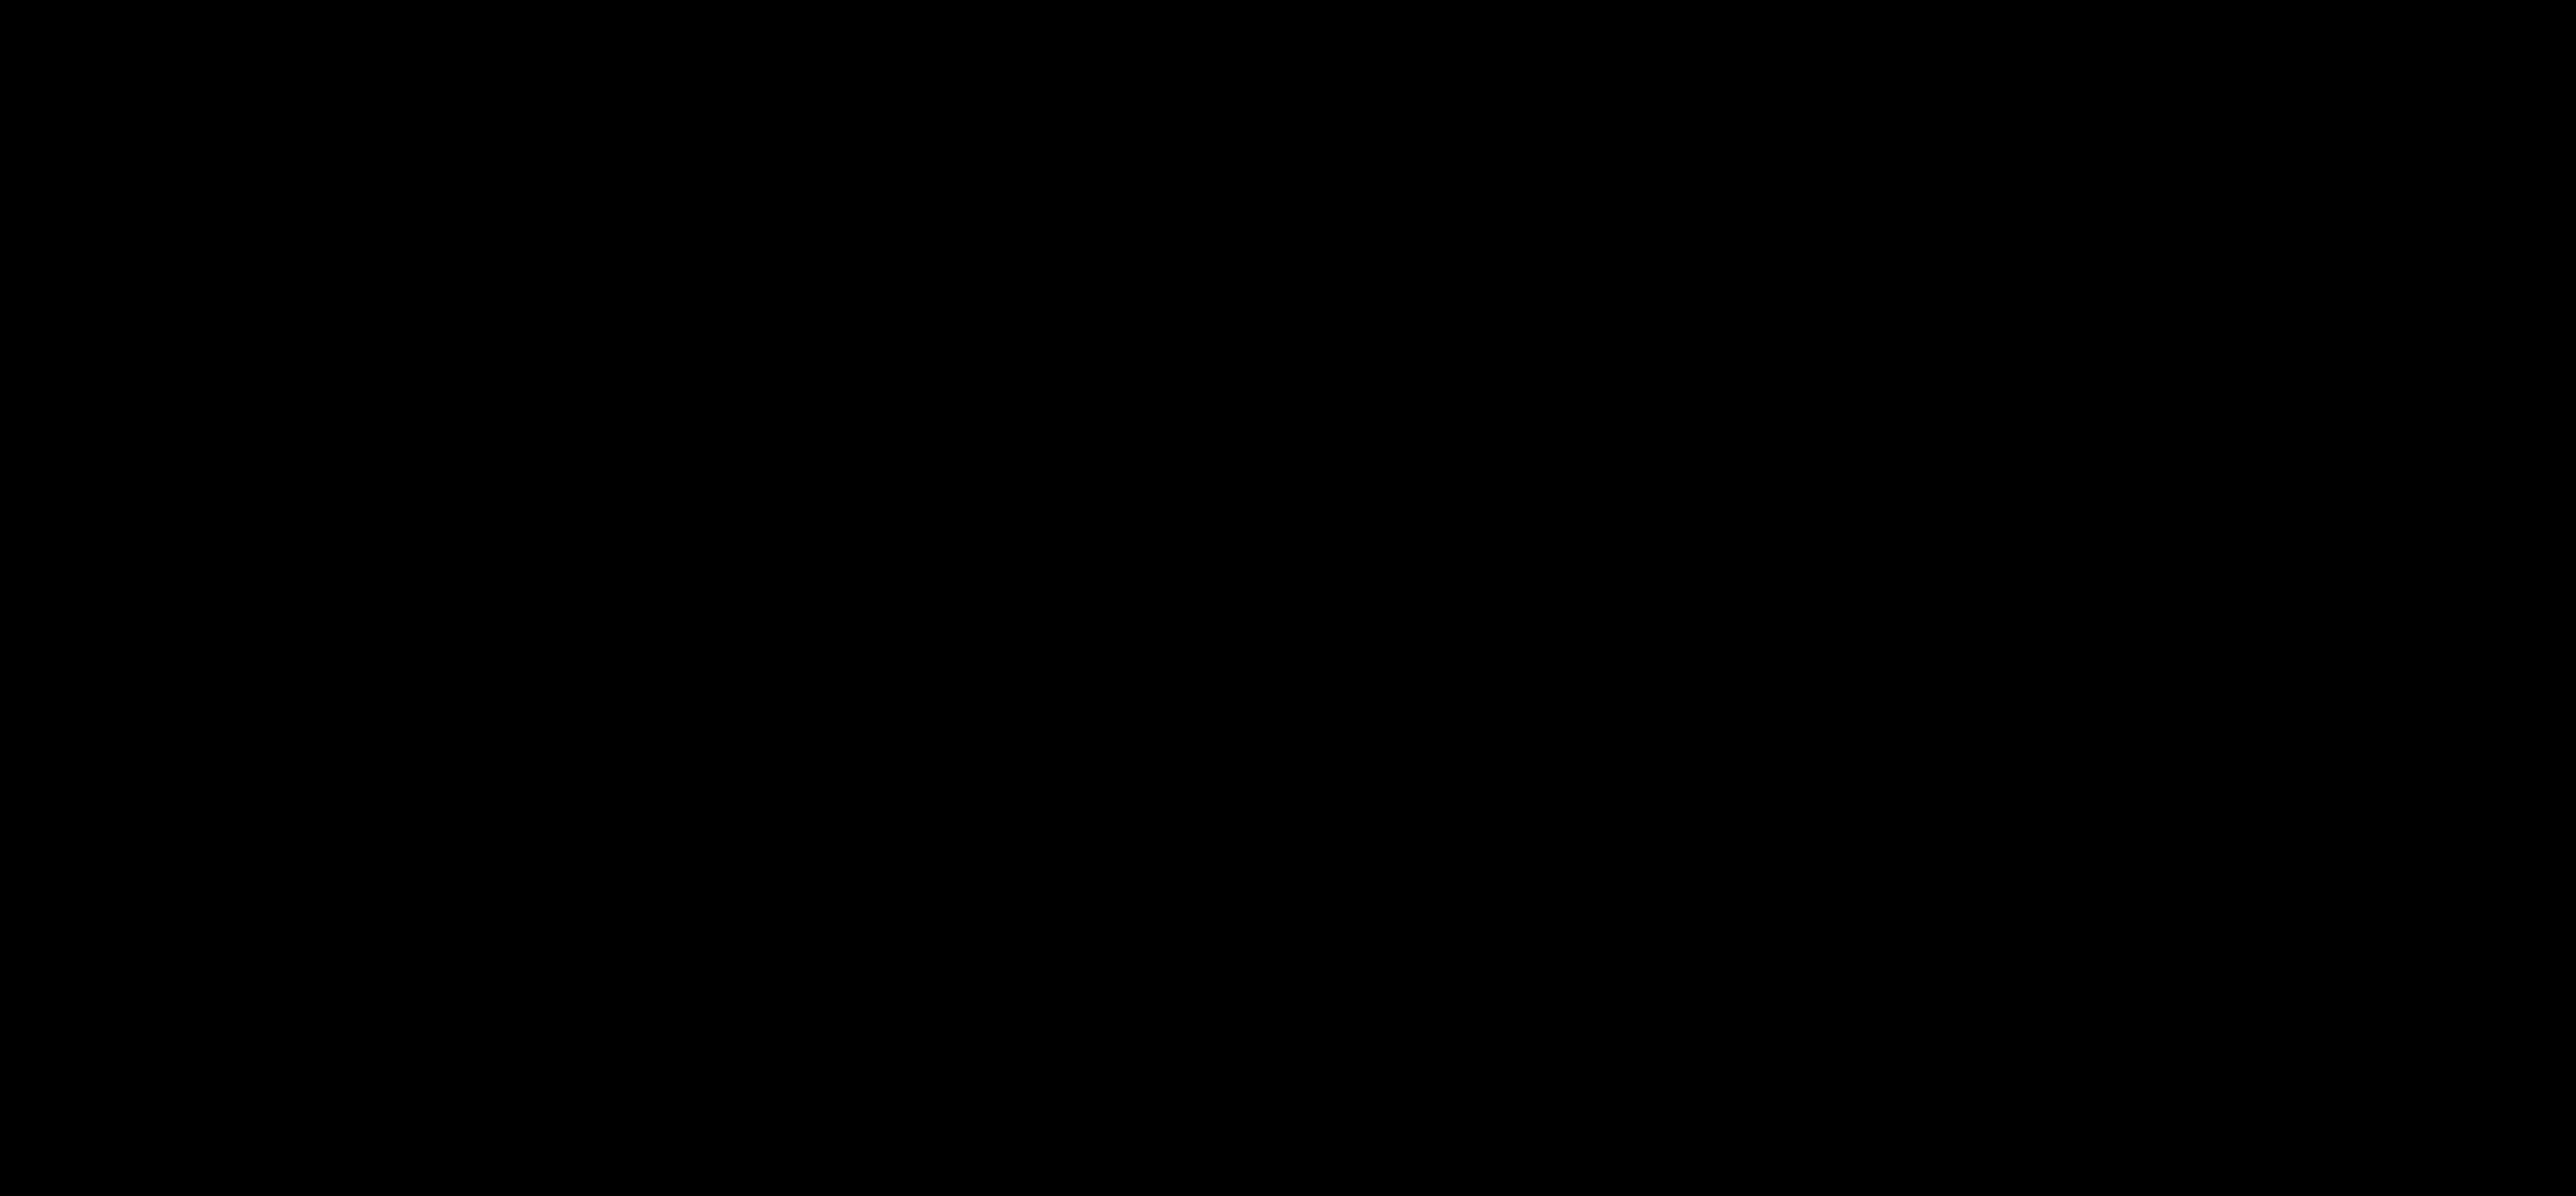 Blue Sky Ideas copy